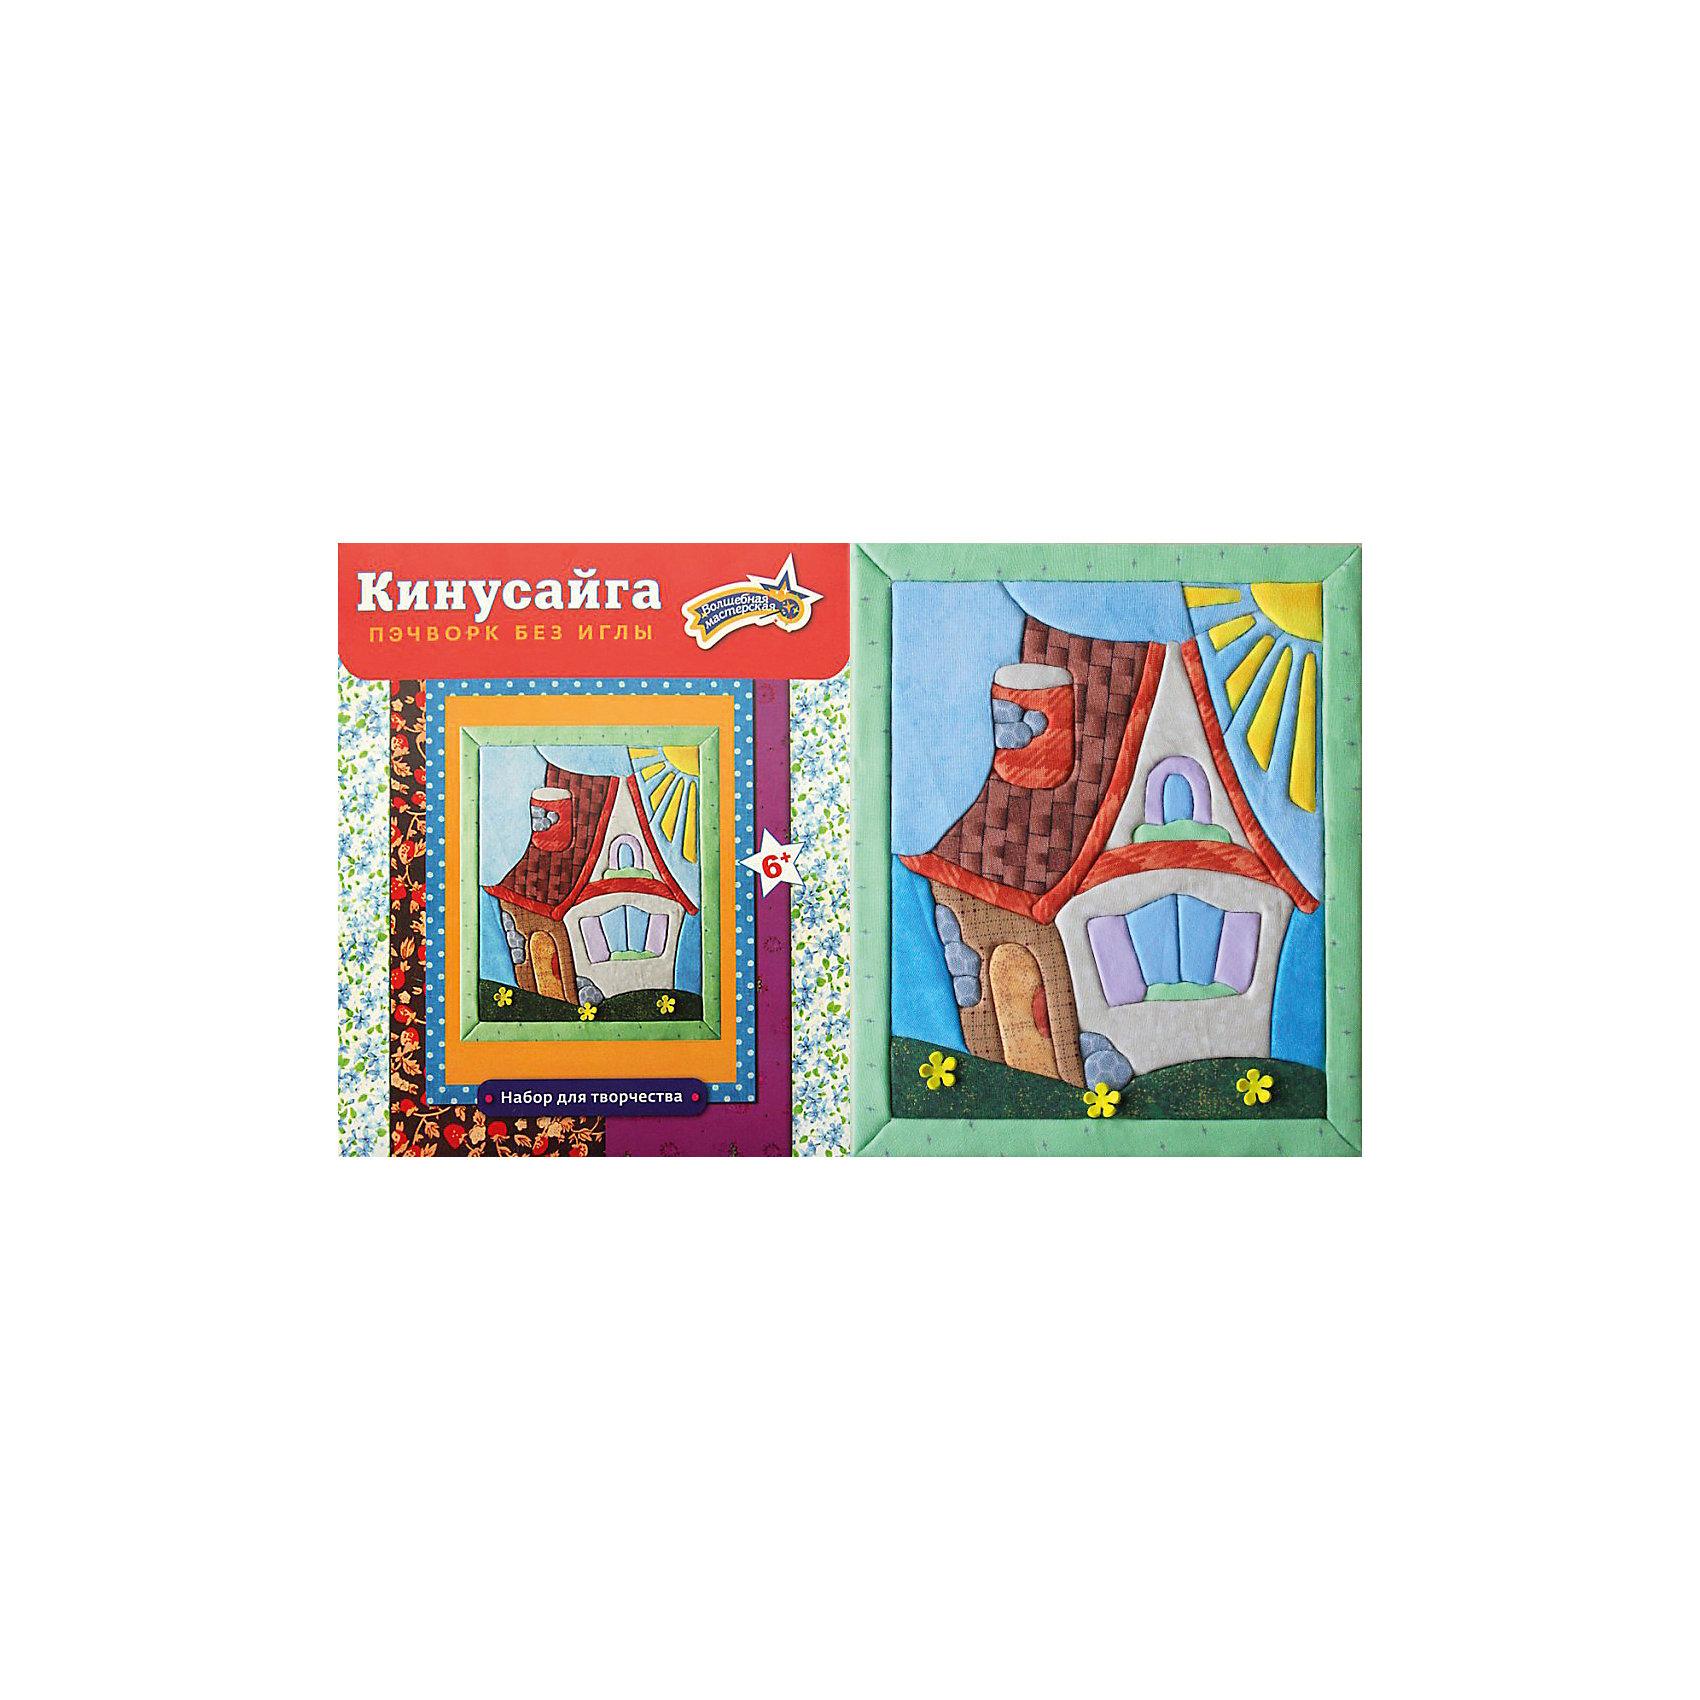 Набор для тв-ва Кинусайга ДомикМозаика<br>Кинусайга или как ее еще называют пэчворк без иглы - техника рукоделия, зародившаяся на Востоке, в Японии. Это необыкновенный способ создания картин, не требующий применения иголки. Использовать данную технику можно практически во всем: в создании панно, шкатулок, игрушек, предметов интерьера. Лоскутная мозаика получила необыкновенную популярность во всем мире, нашла своих поклонников. Надеемся, она не оставит и вас равнодушными, порадует своей простотой исполнения, красотой, оригинальностью. Домик станет хорошим подарком друзьям и близким.<br><br>Ширина мм: 190<br>Глубина мм: 230<br>Высота мм: 20<br>Вес г: 120<br>Возраст от месяцев: 36<br>Возраст до месяцев: 108<br>Пол: Унисекс<br>Возраст: Детский<br>SKU: 5075377